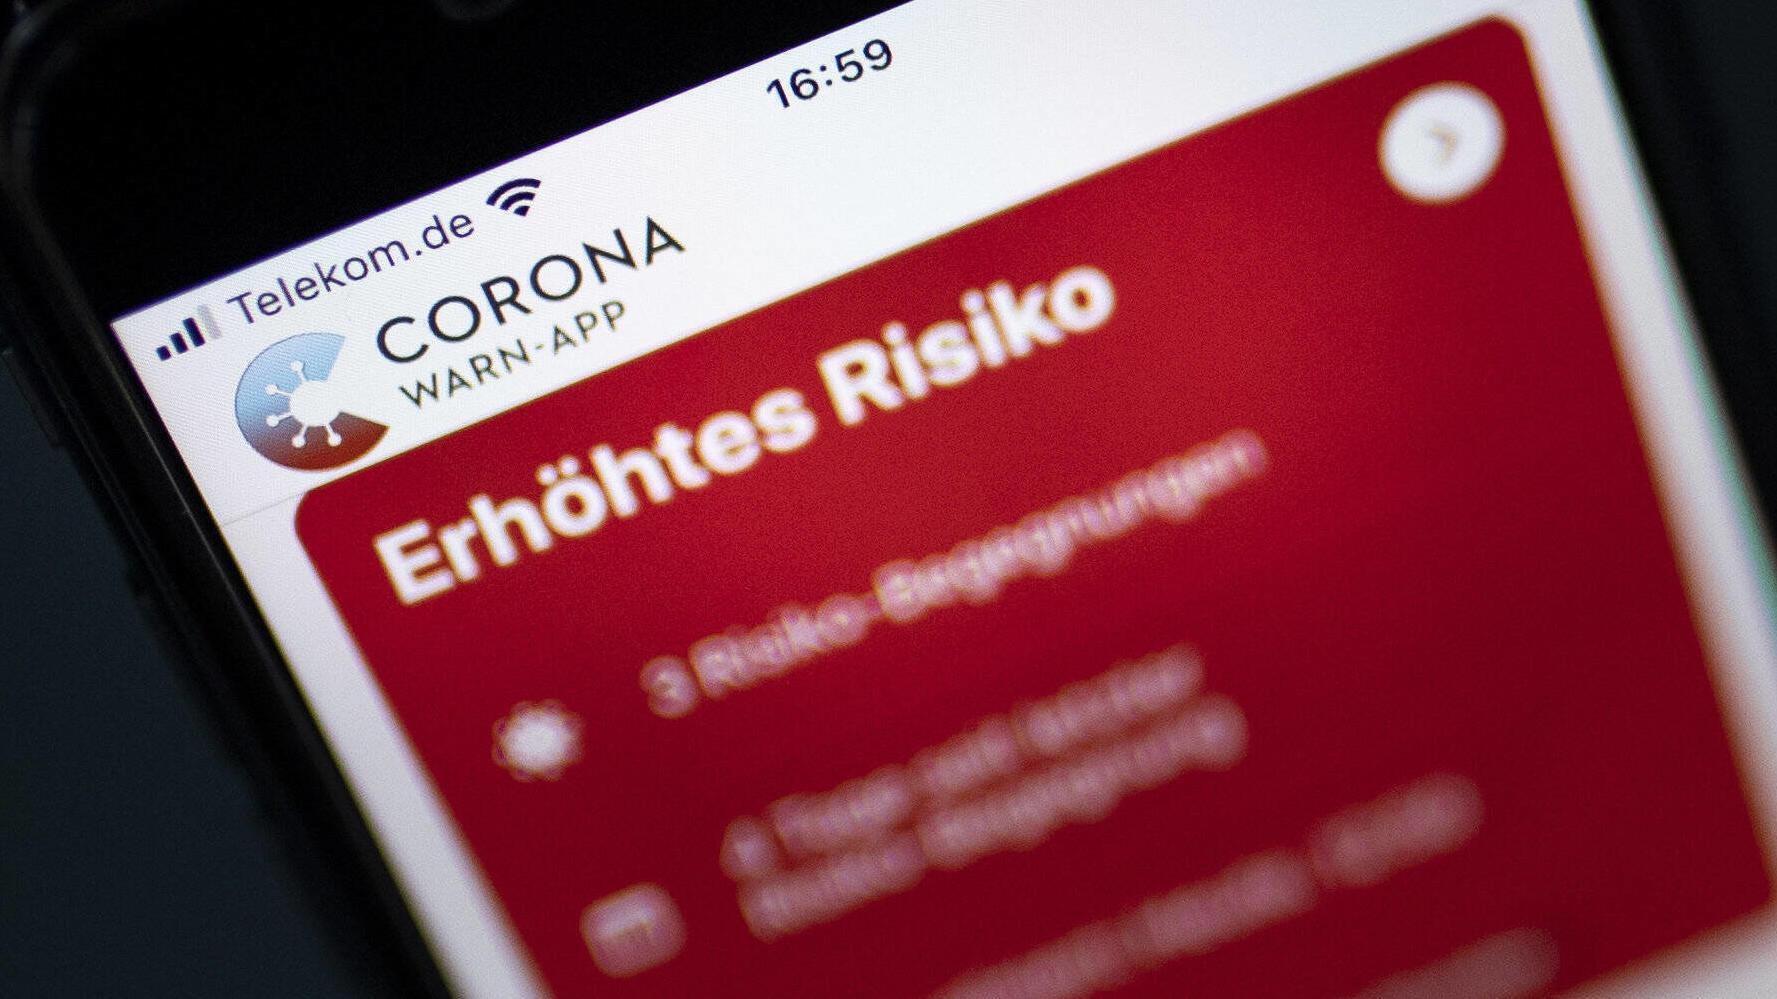 RTL-Umfrage zur Corona-App: Jeder vierte Nutzer geht trotz